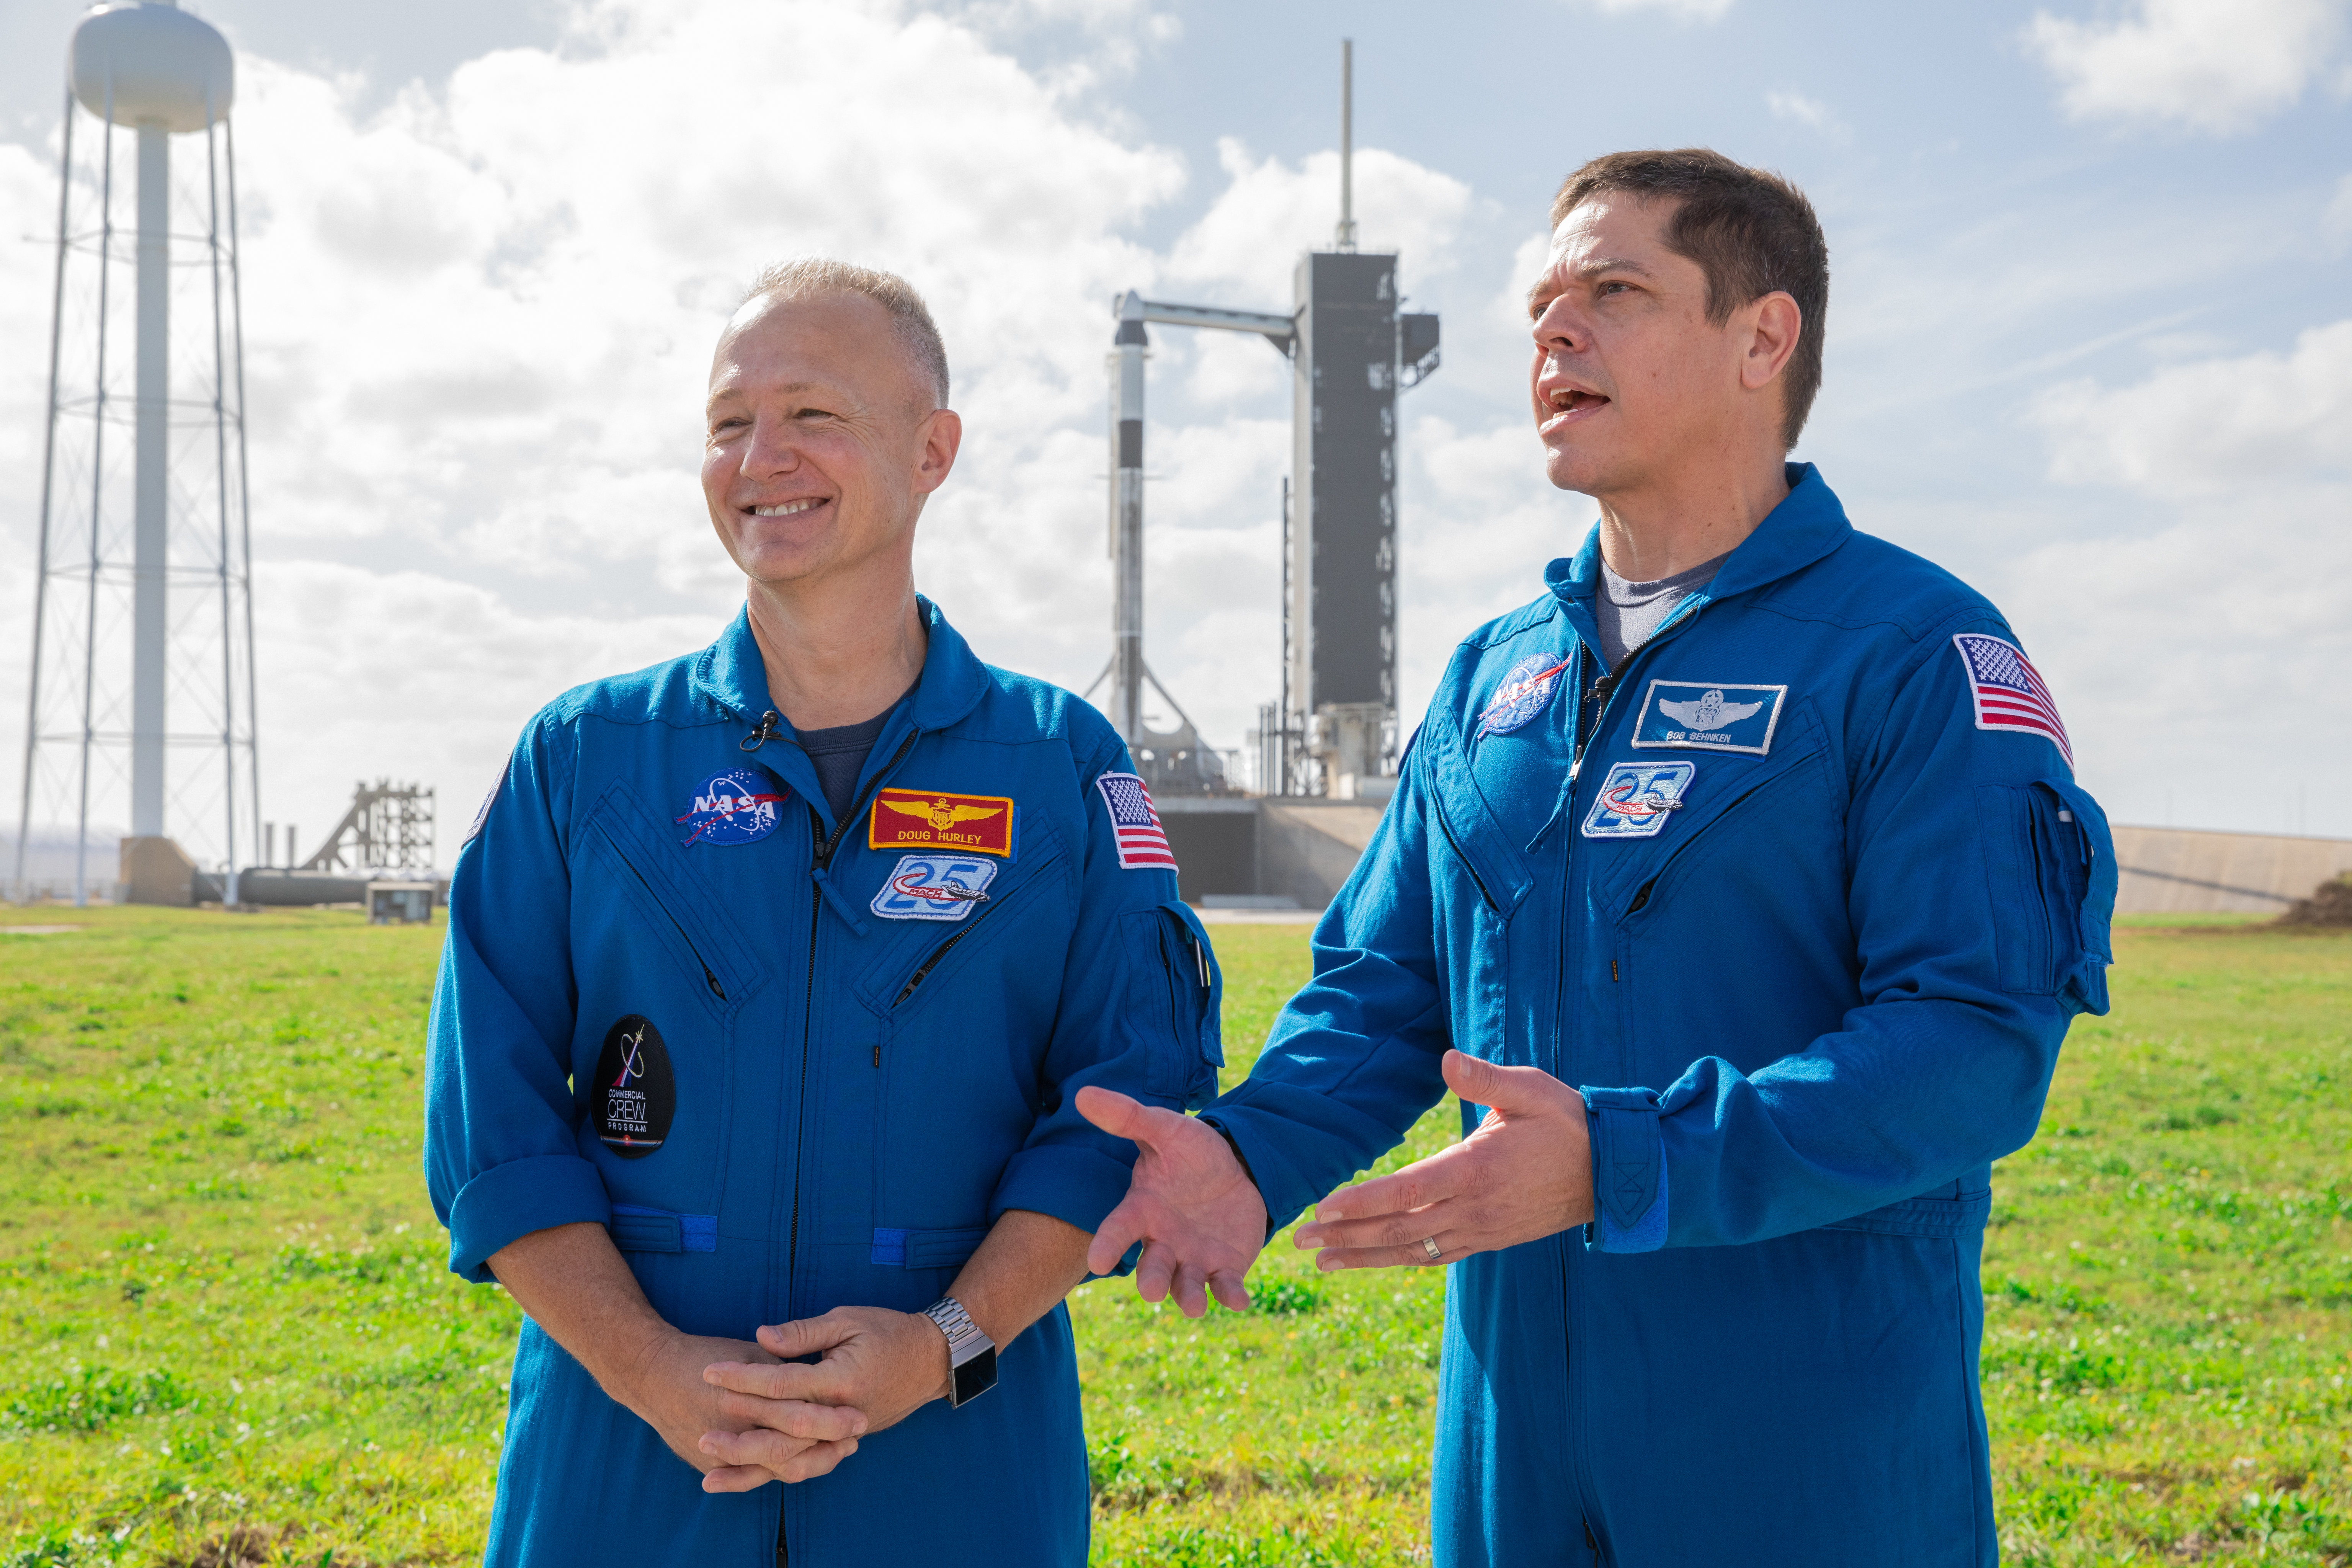 Doug Hurley i Bob Behnken, astronauci, którzy mają wziąć udział w pierwszej misji załogowej SpaceX (Źródło: NASA/Kim Shiflett)